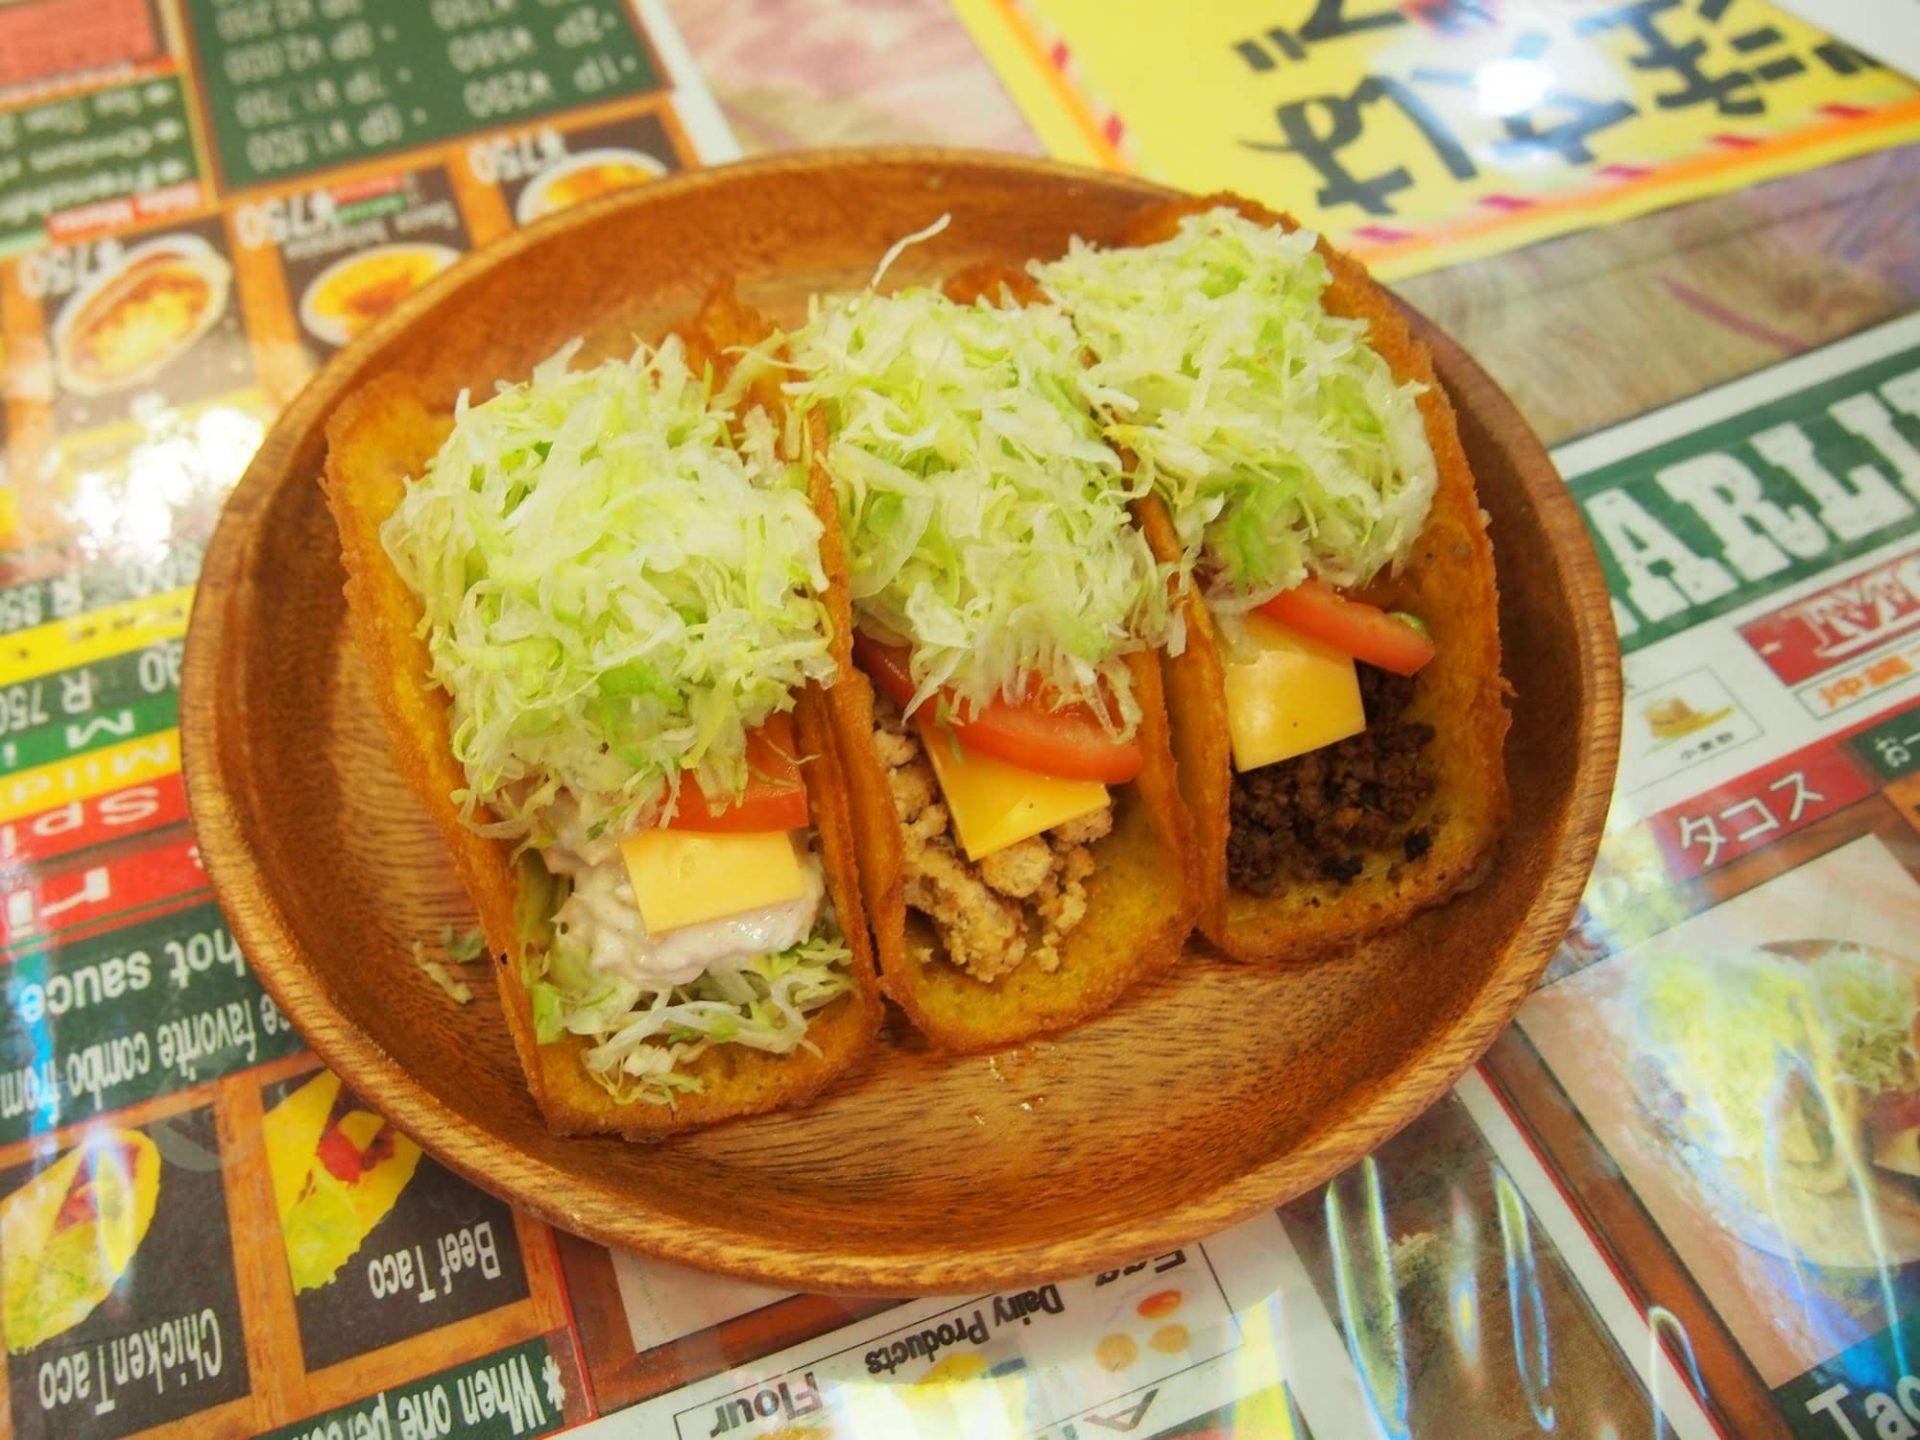 チャーリー多幸寿 タコス 沖縄市 ディナー 夜ご飯 おすすめ